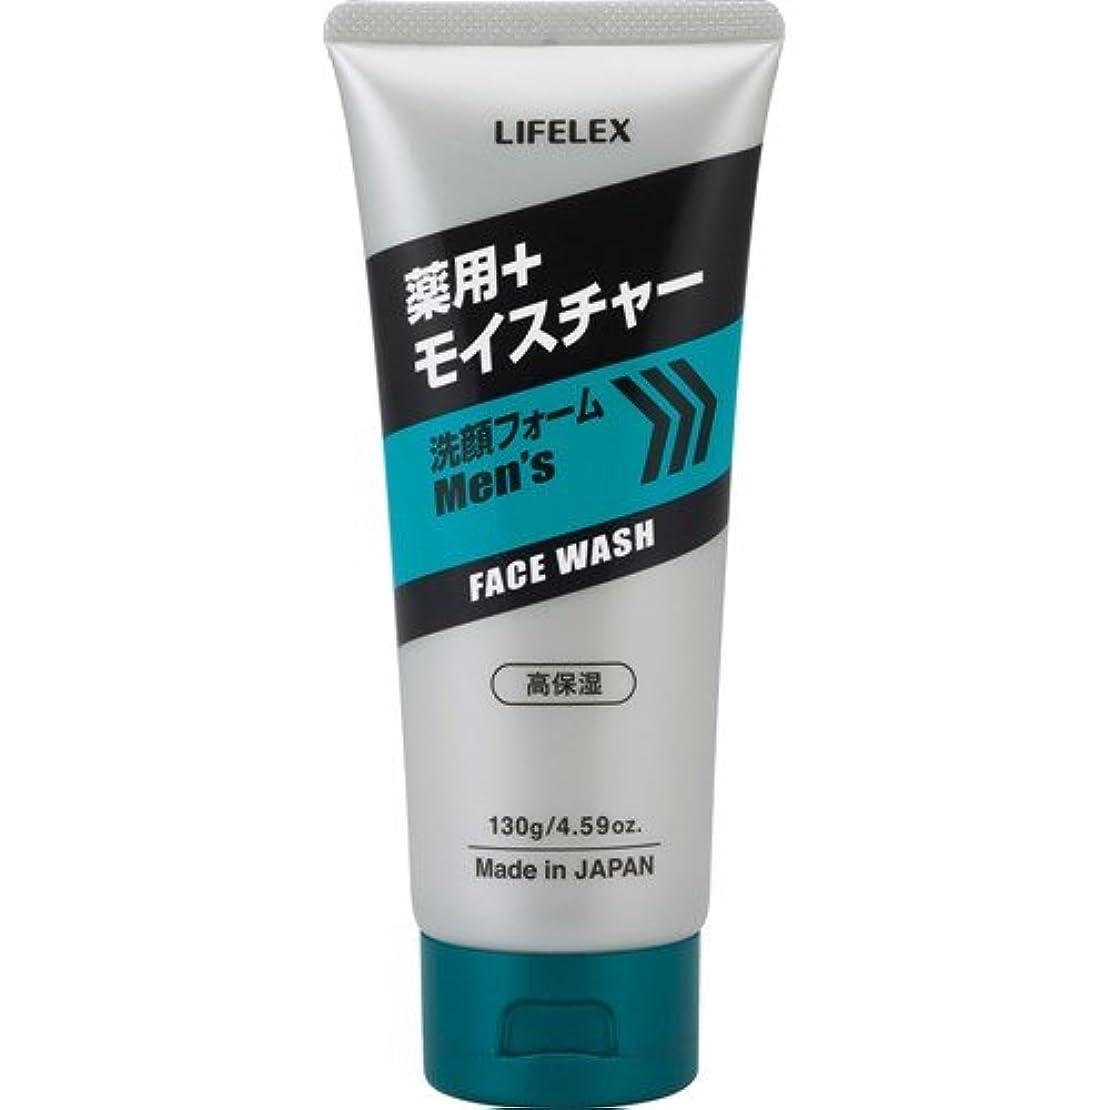 倍増冷淡な参照するコーナンオリジナル メンズ薬用モイスチャ洗顔フォーム 130g